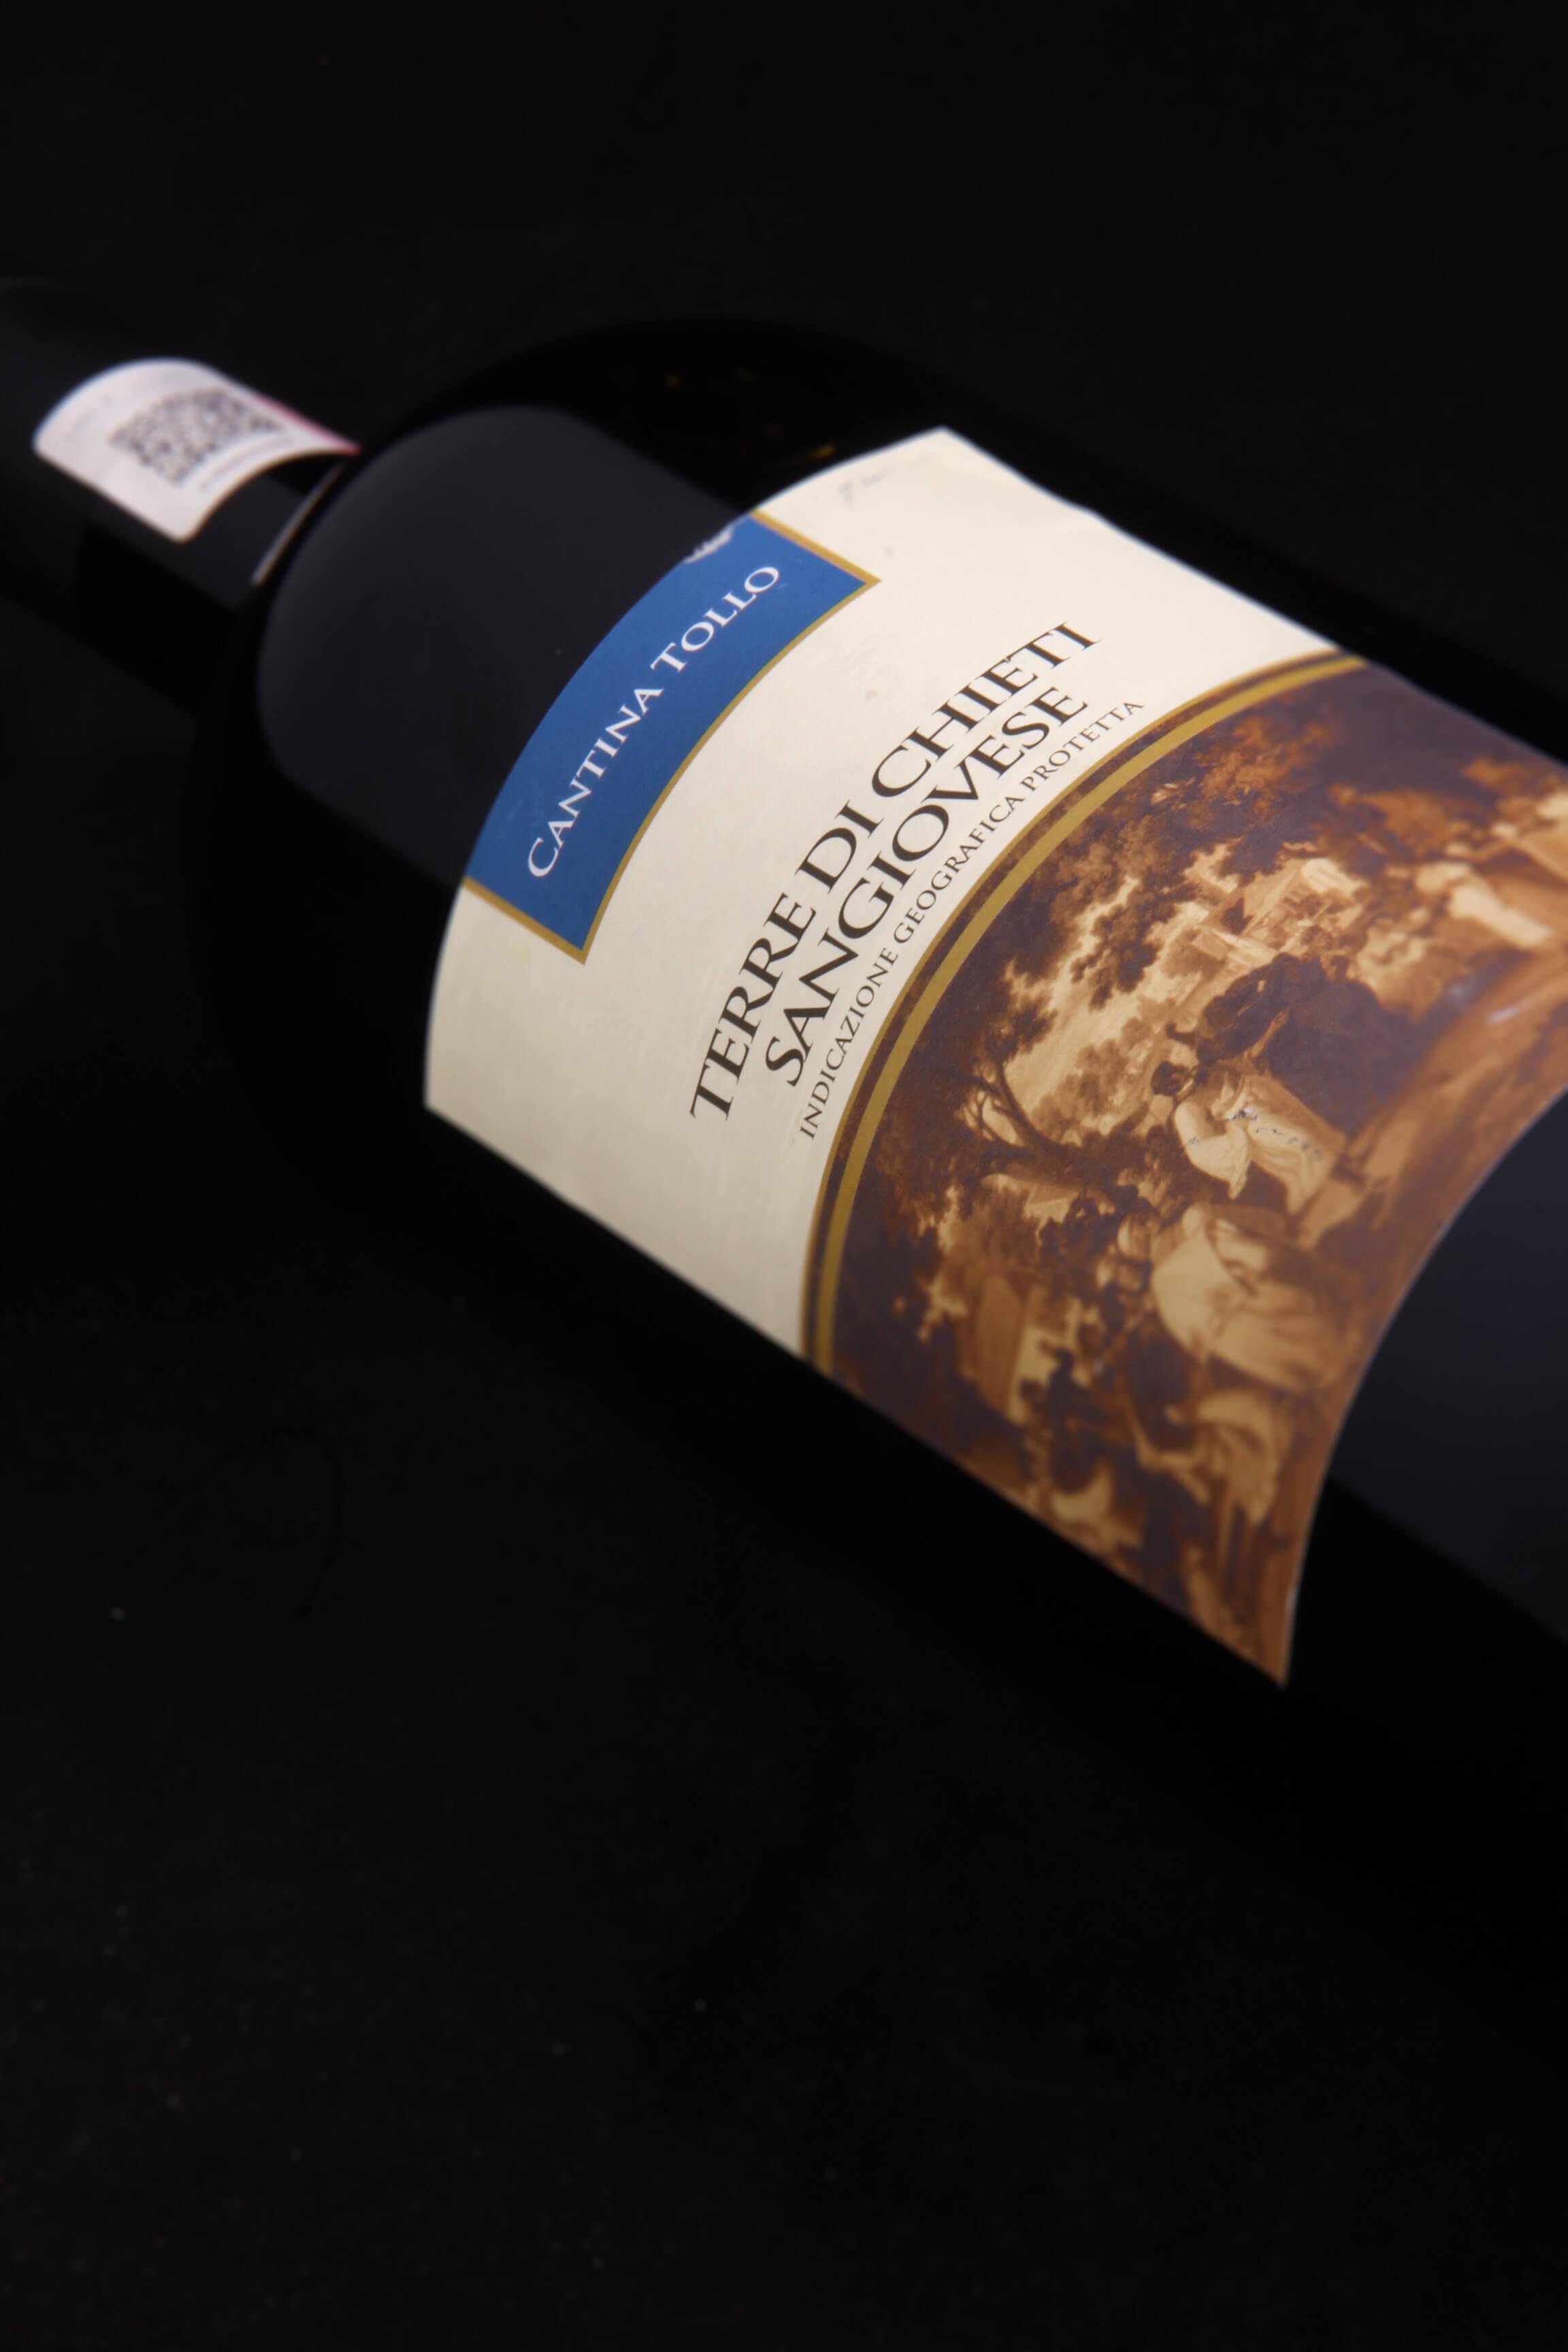 vino_nostrum-importadora_de_vinos_y_alimentos_ok41